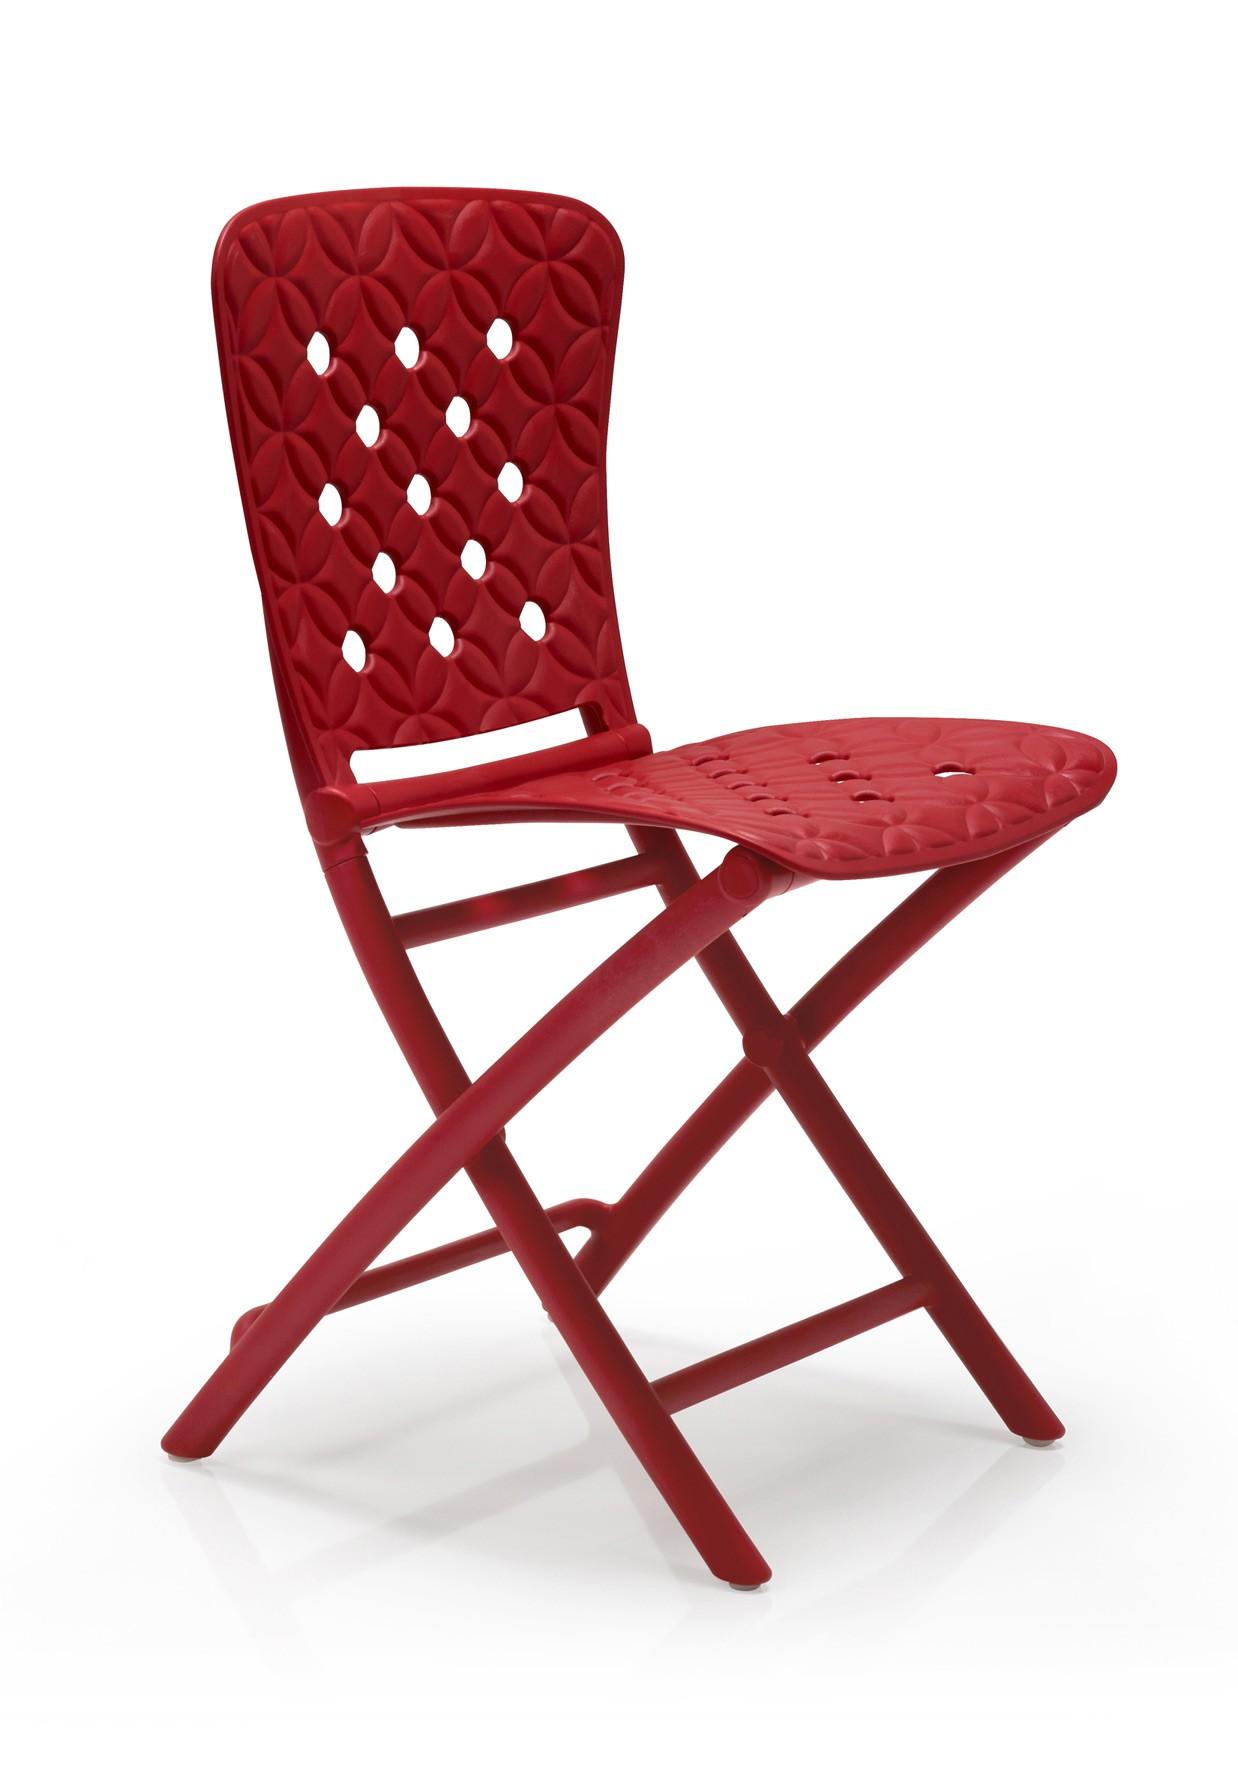 klappstuhl gartenstuhl zac spring kunststoff klappbar rot bei. Black Bedroom Furniture Sets. Home Design Ideas